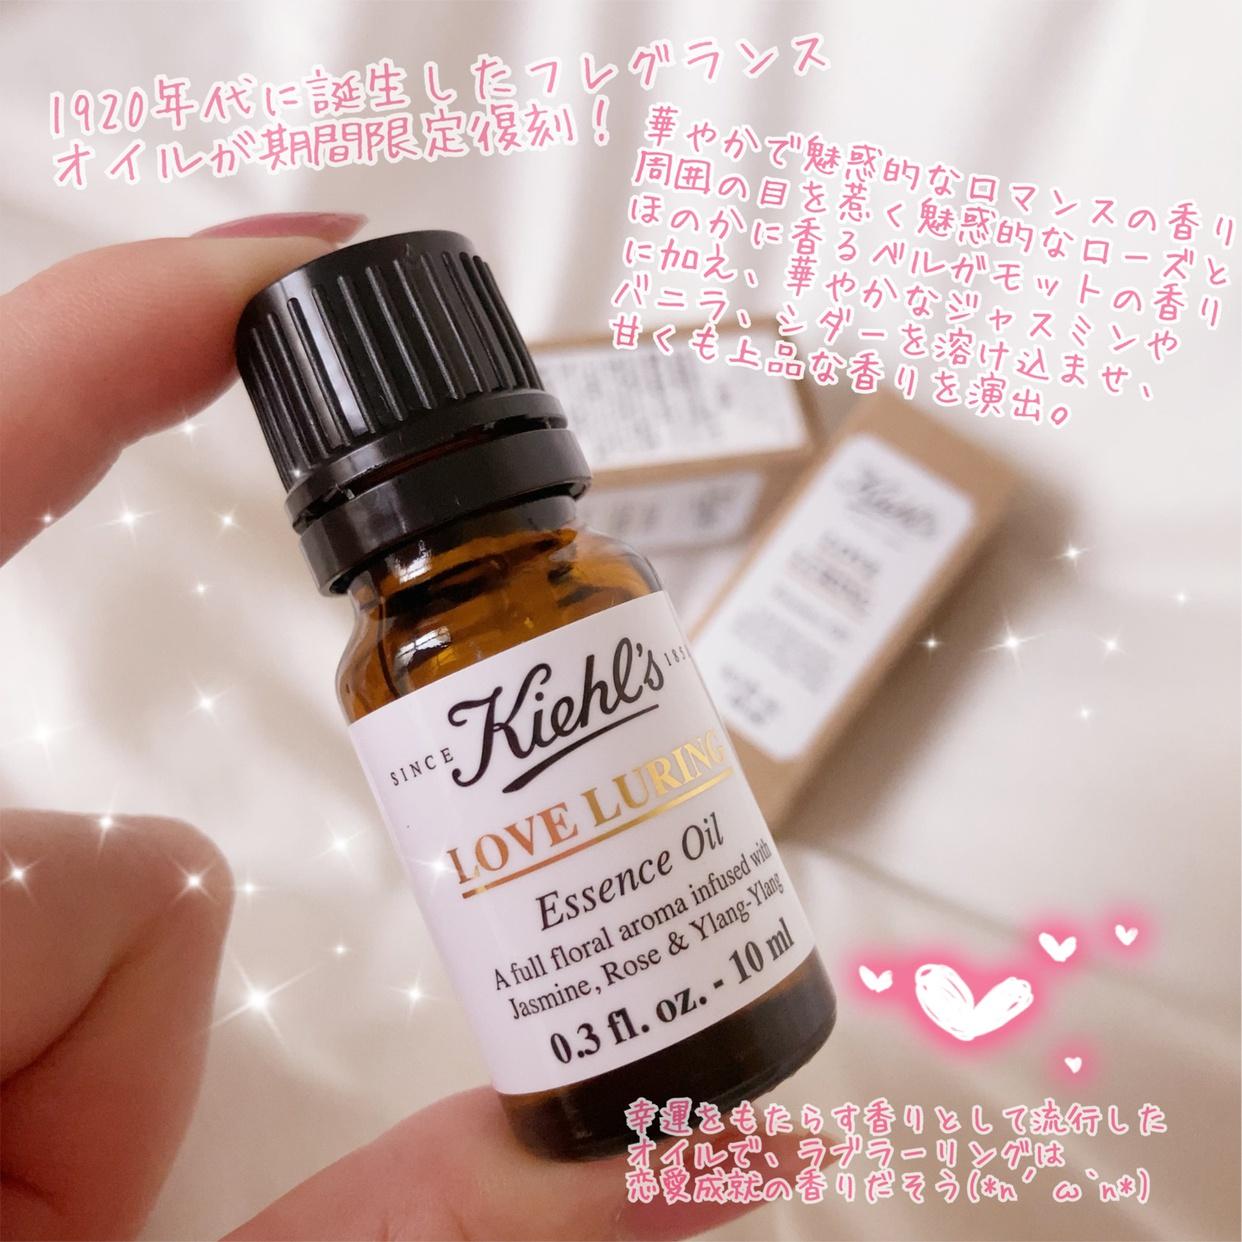 Kiehl's(キールズ) ラブ ラーリング エッセンス オイルを使ったNEKO☆mimiさんのクチコミ画像2